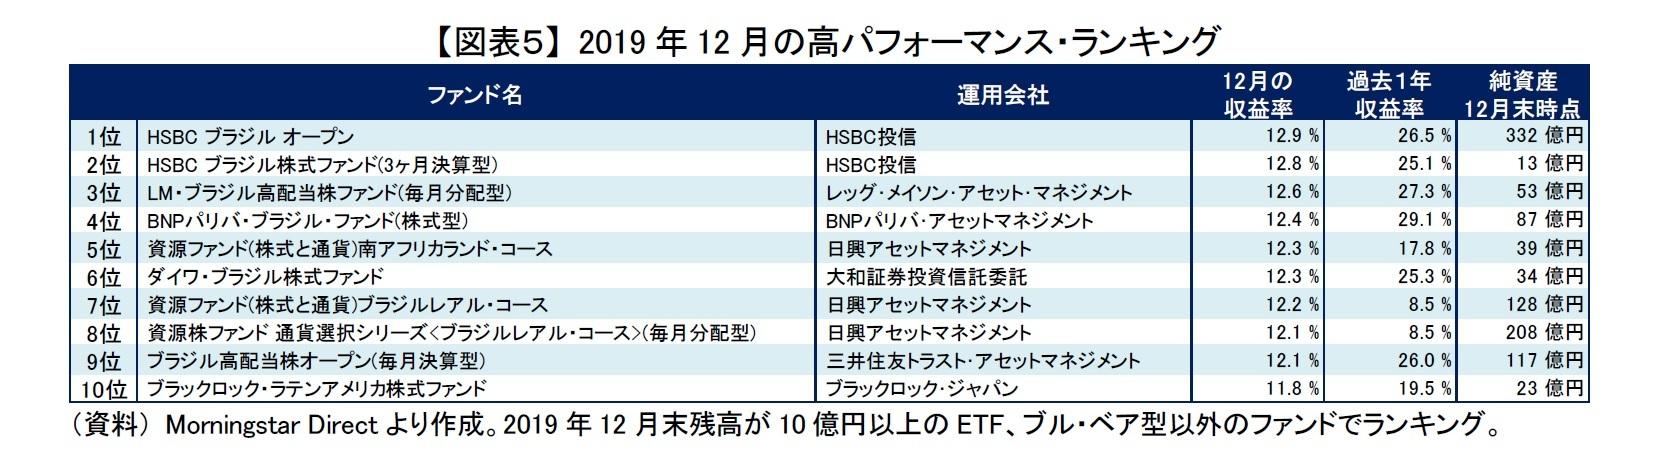 【図表5】 2019年12月の高パフォーマンス・ランキング